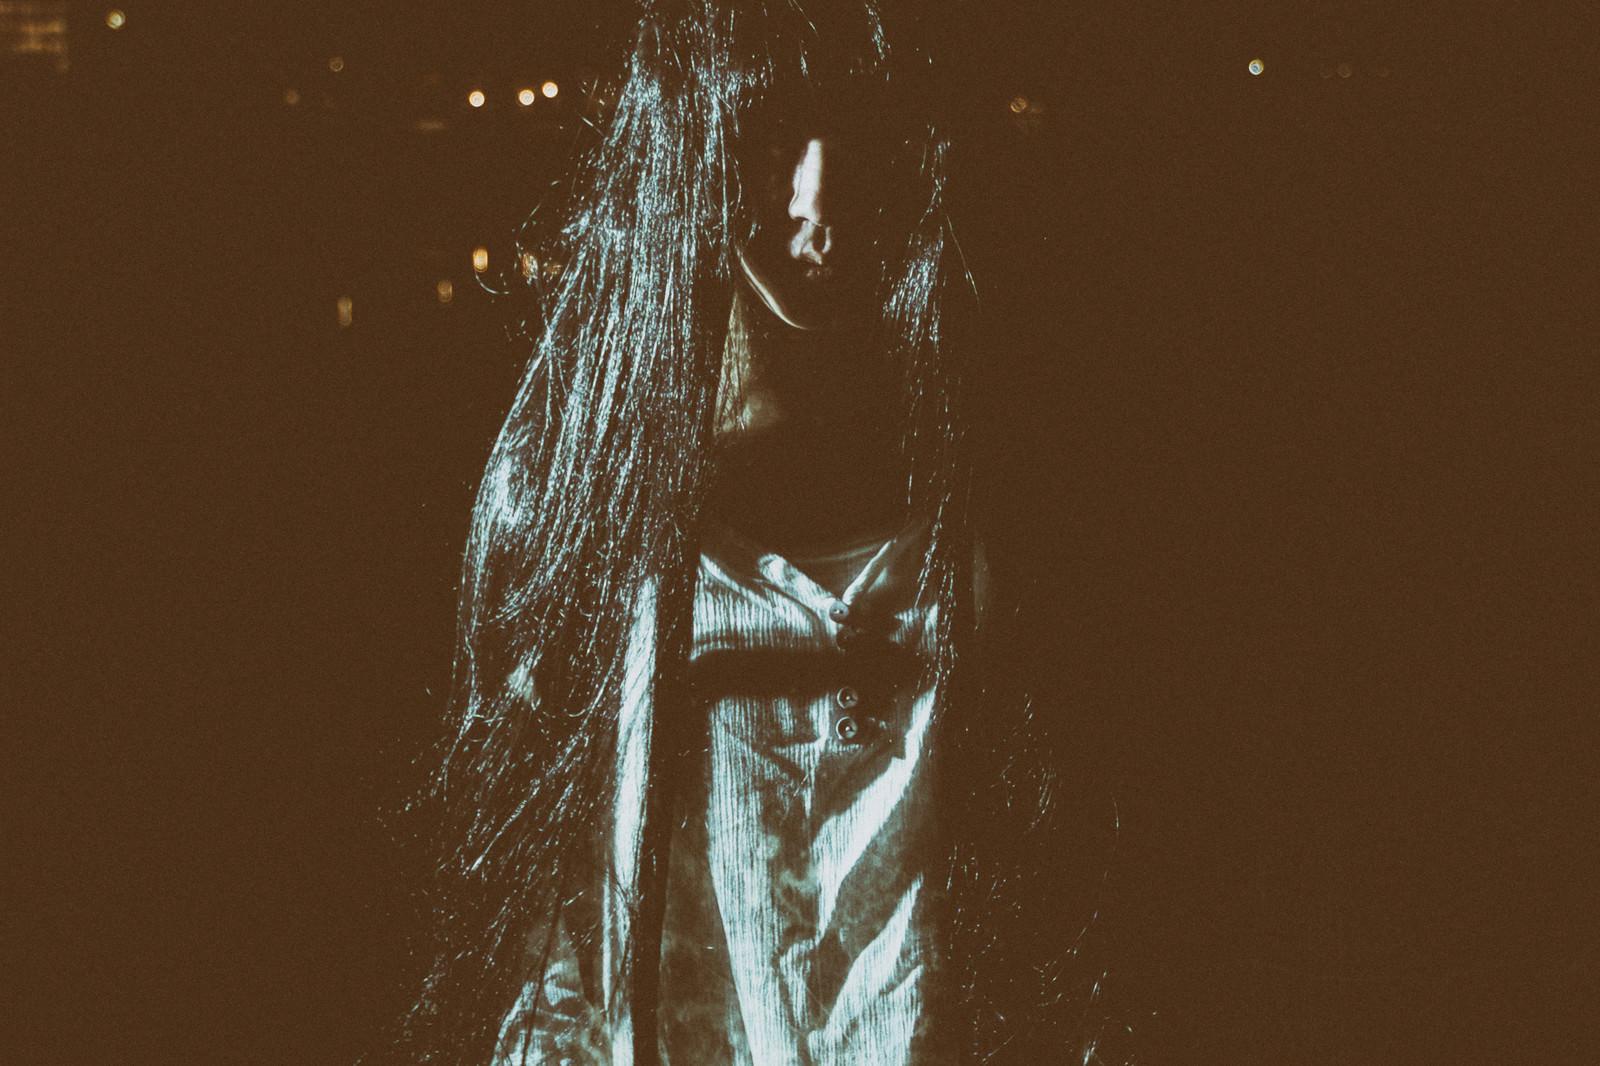 「暗闇の中からずっとこちらを見つめる女性」の写真[モデル:緋真煉]